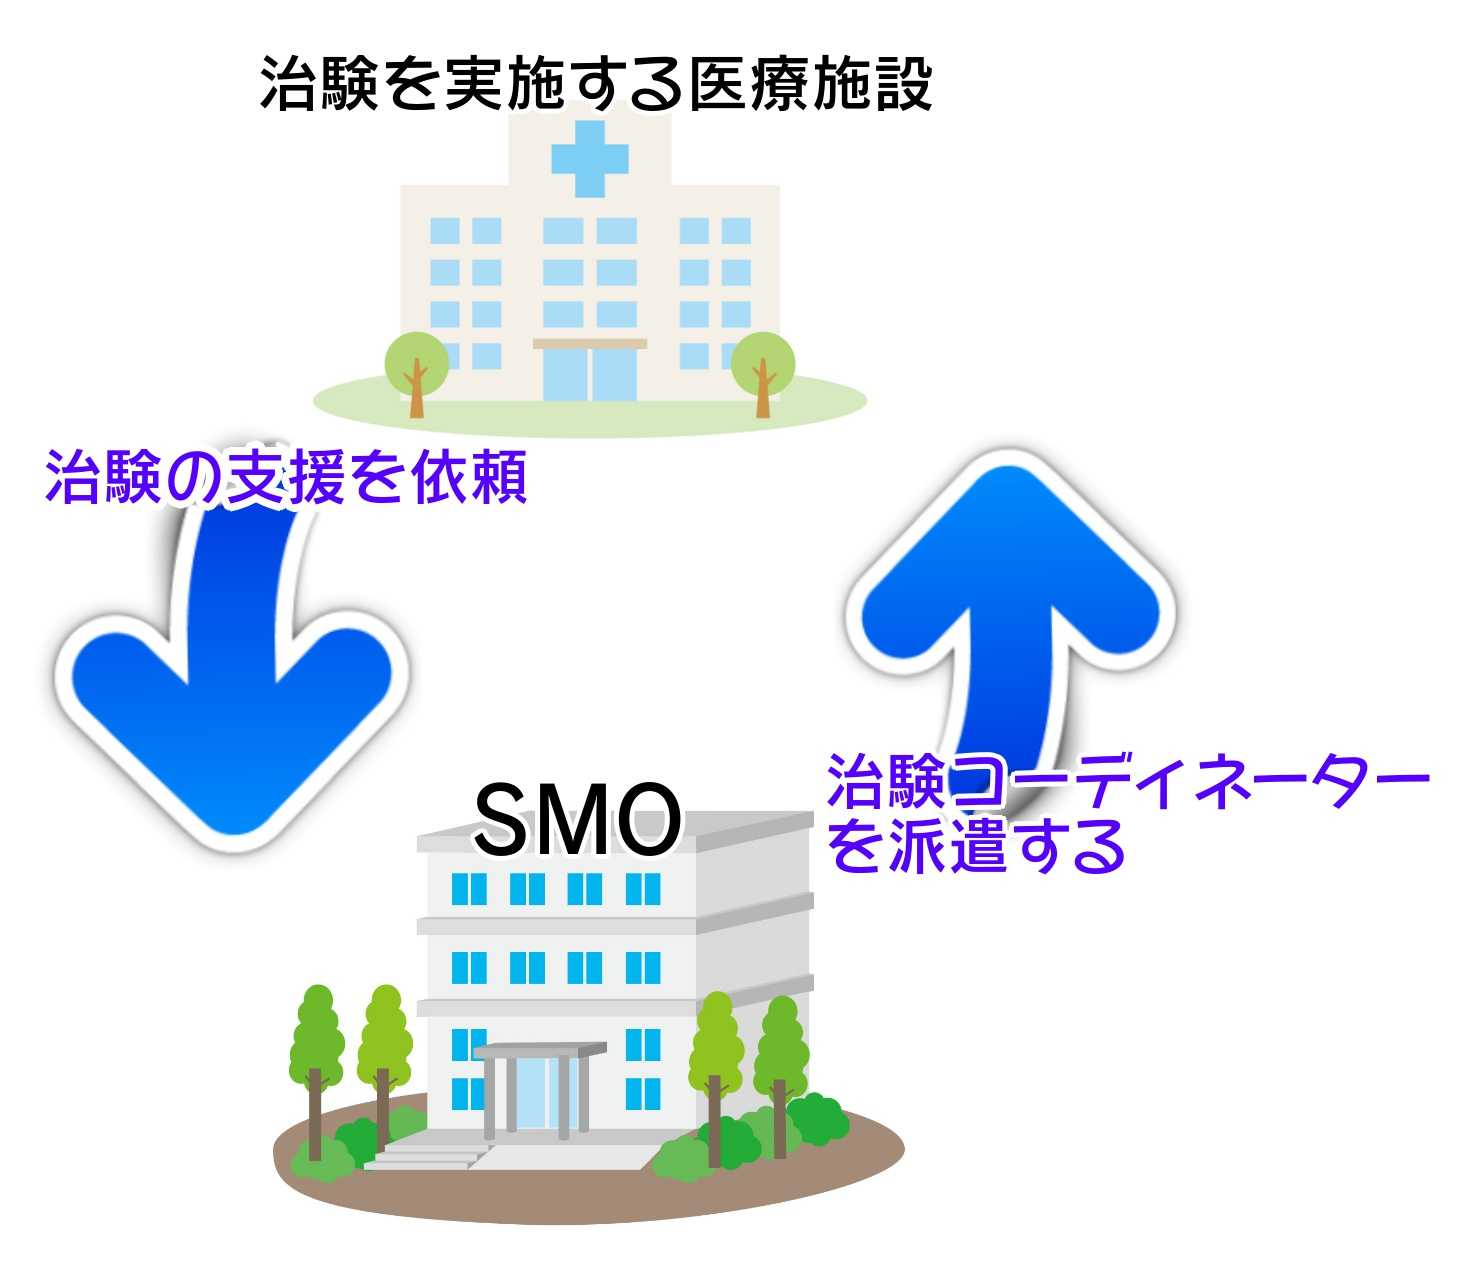 SMOの説明イラスト